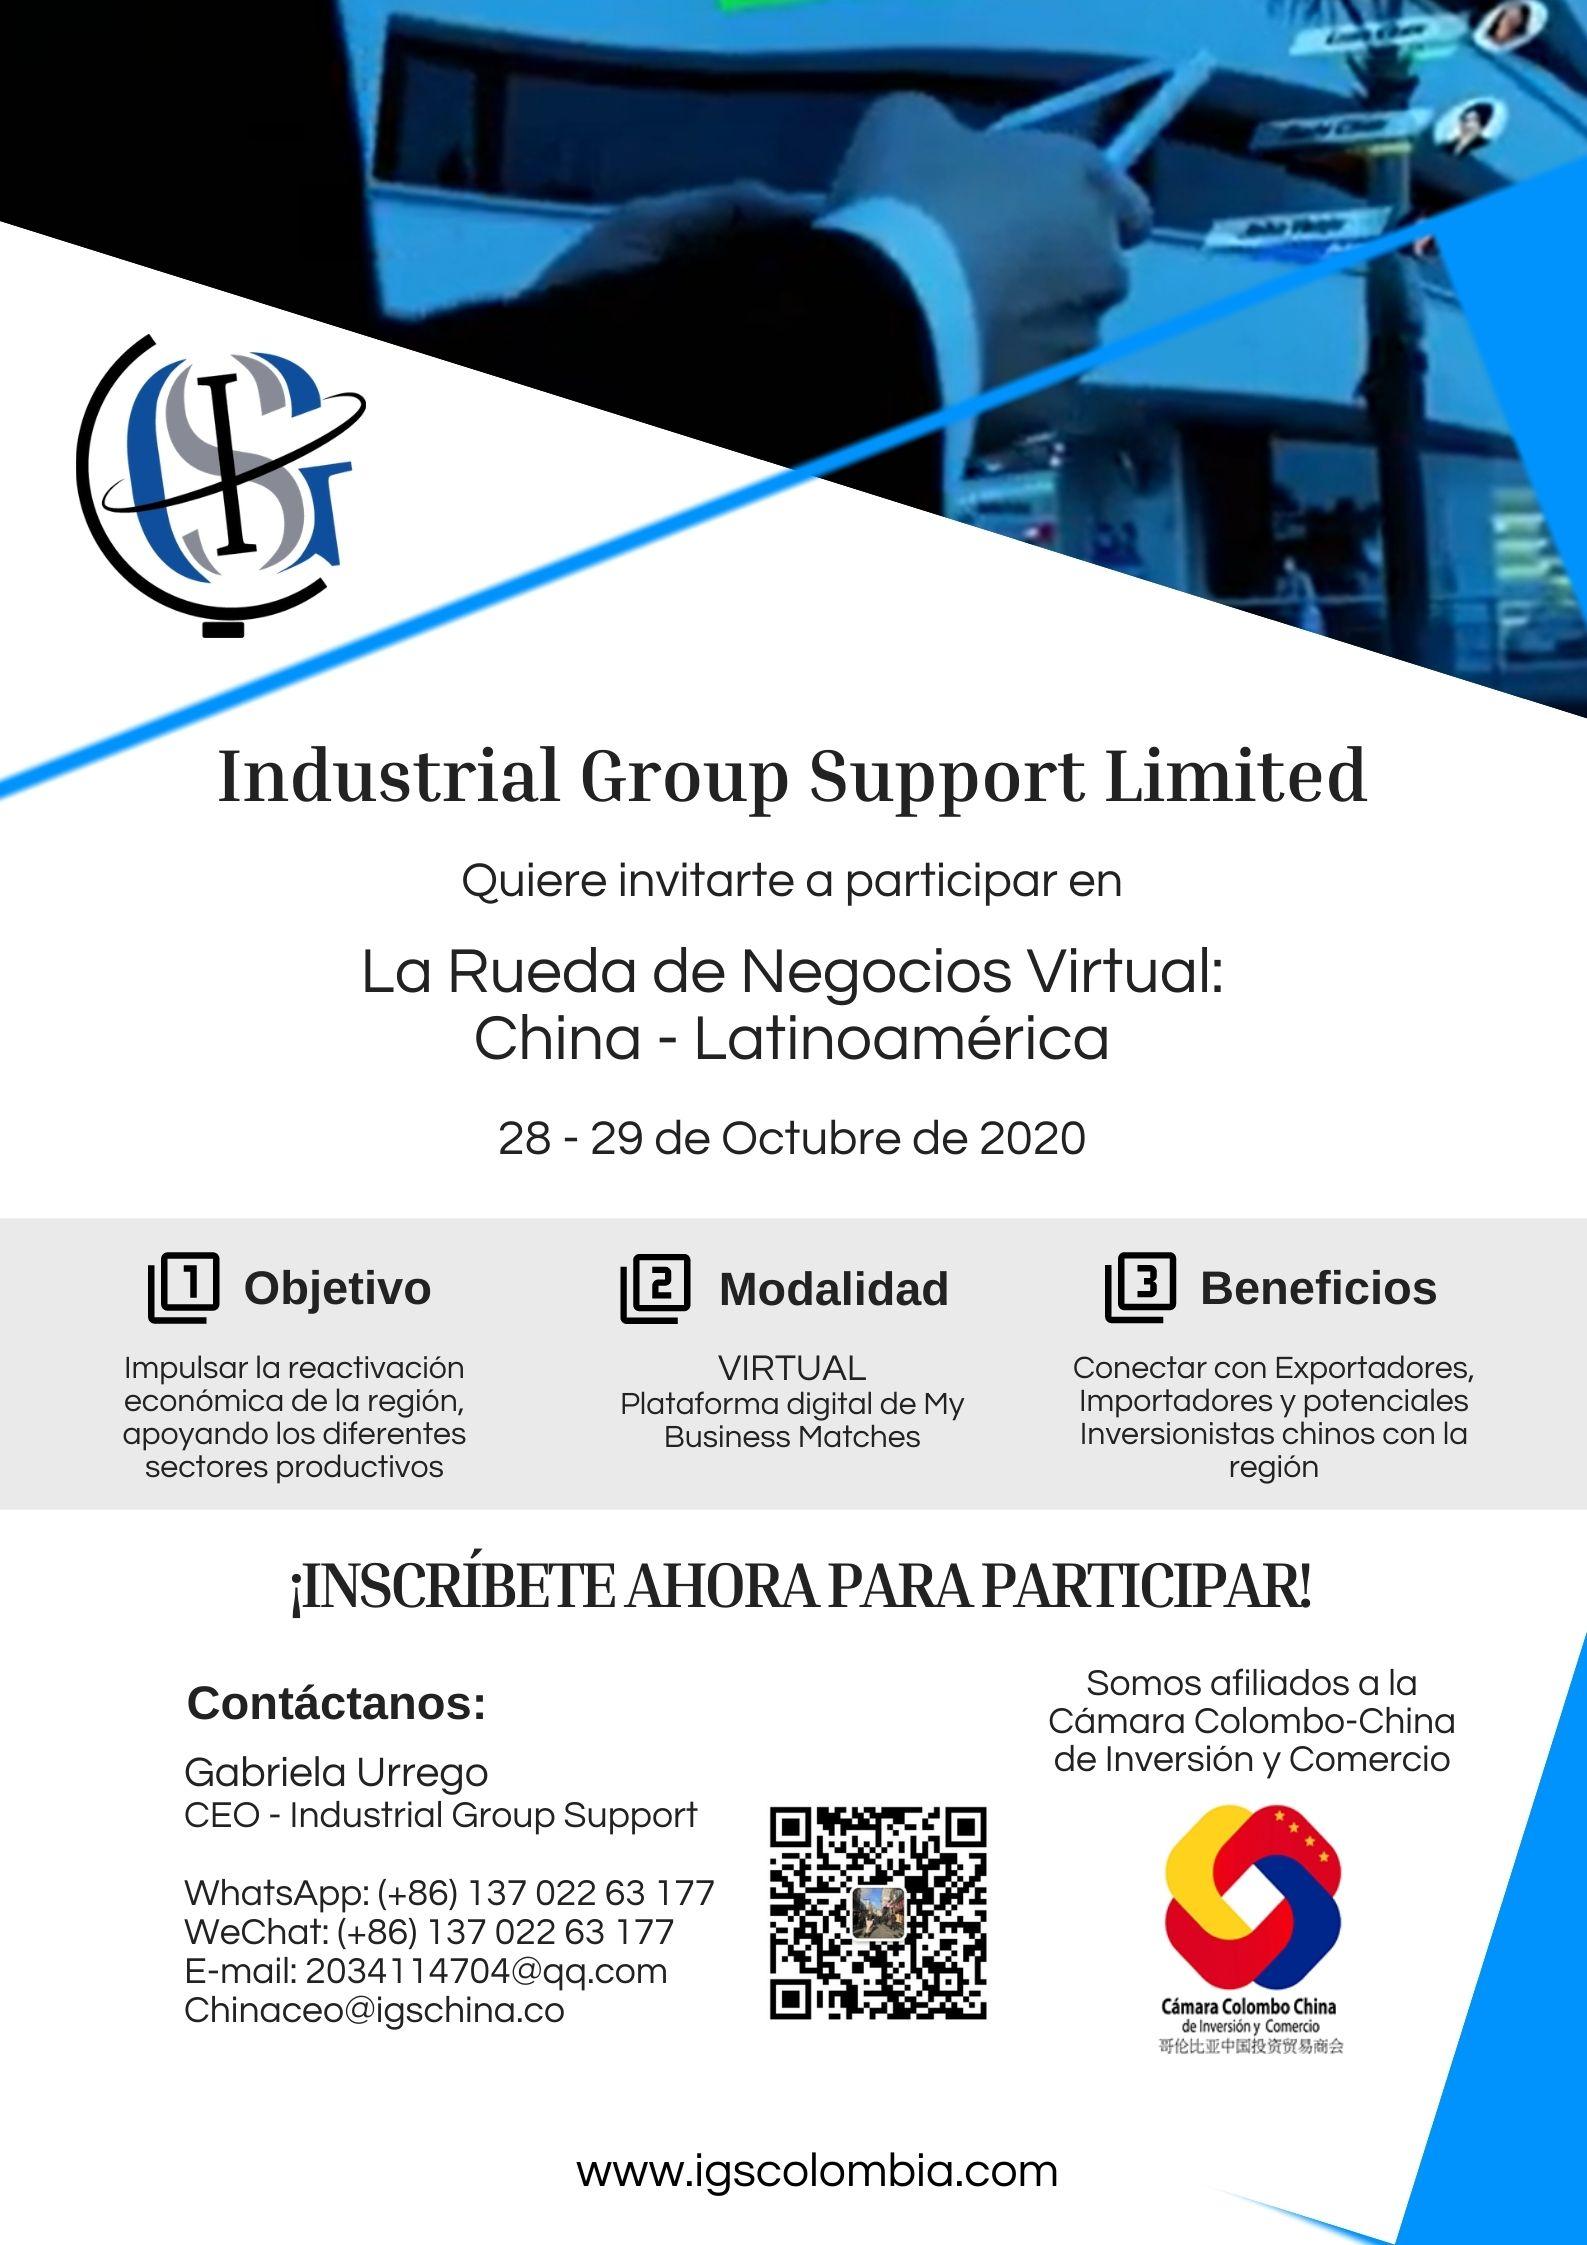 Ruda de negocios virtual China-latinoamérica